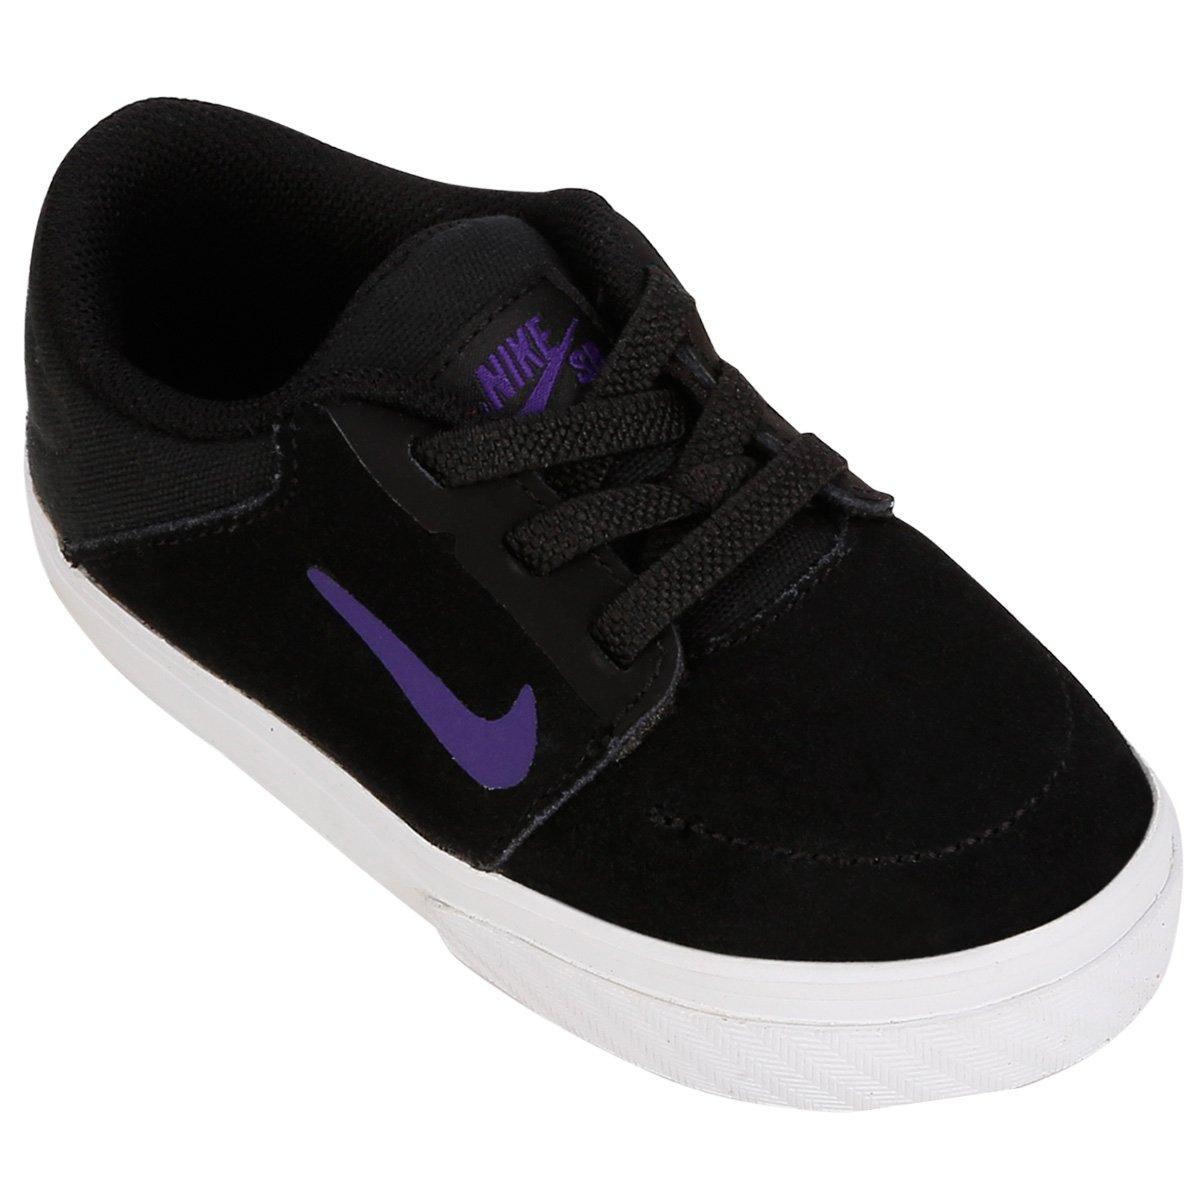 Tênis Nike SB Portmore Infantil - Compre Agora  dcfcc81abdf4f